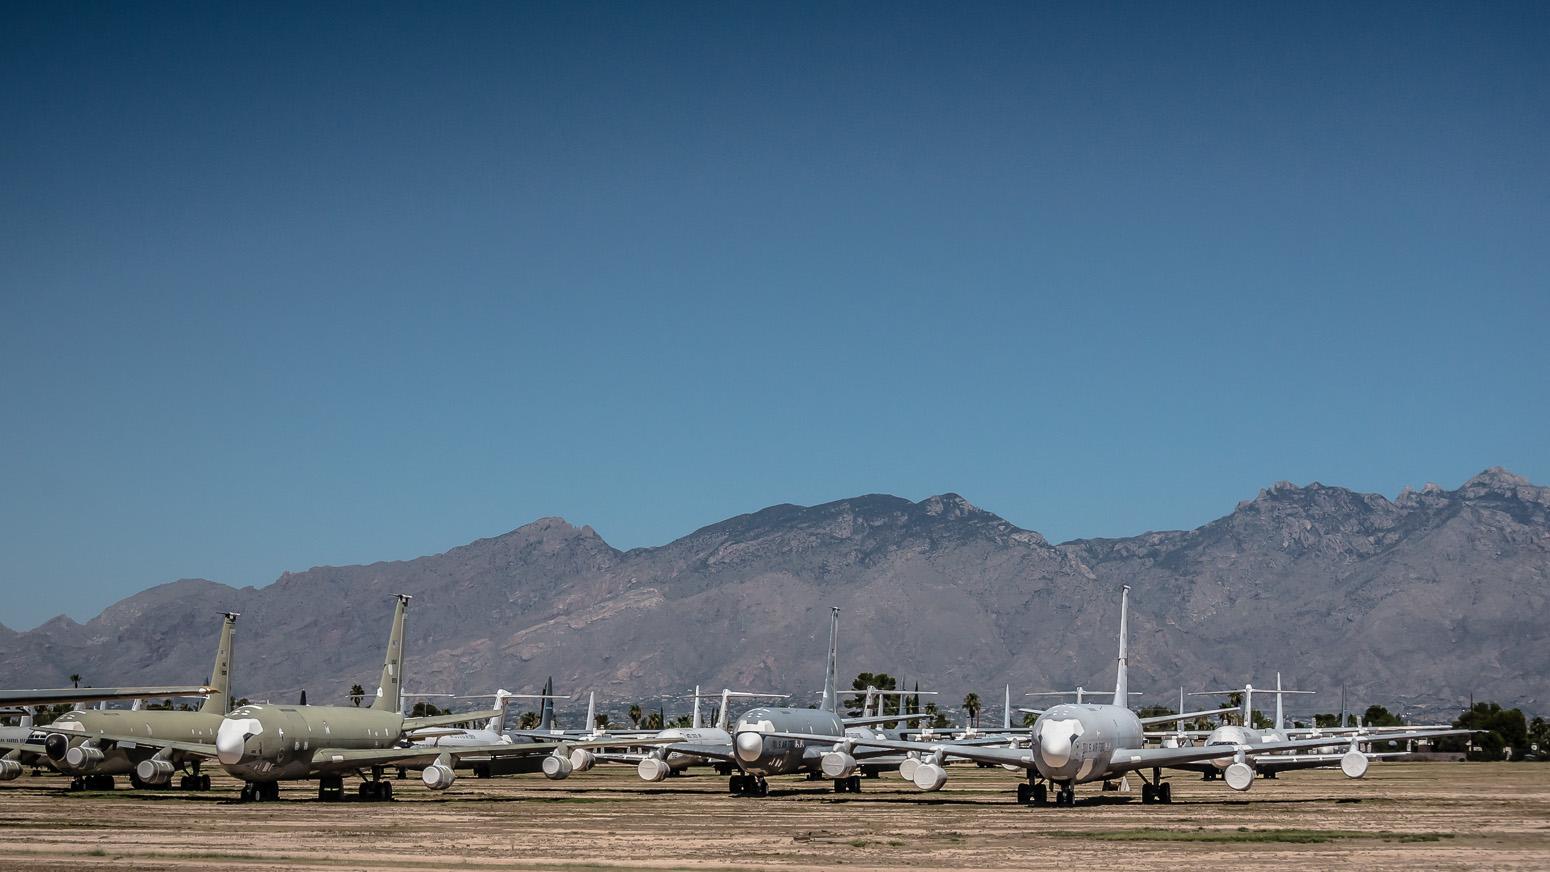 Boeing KC-135C, The Boneyard, Davis-Monthan Air Force Base, Tucson, USA